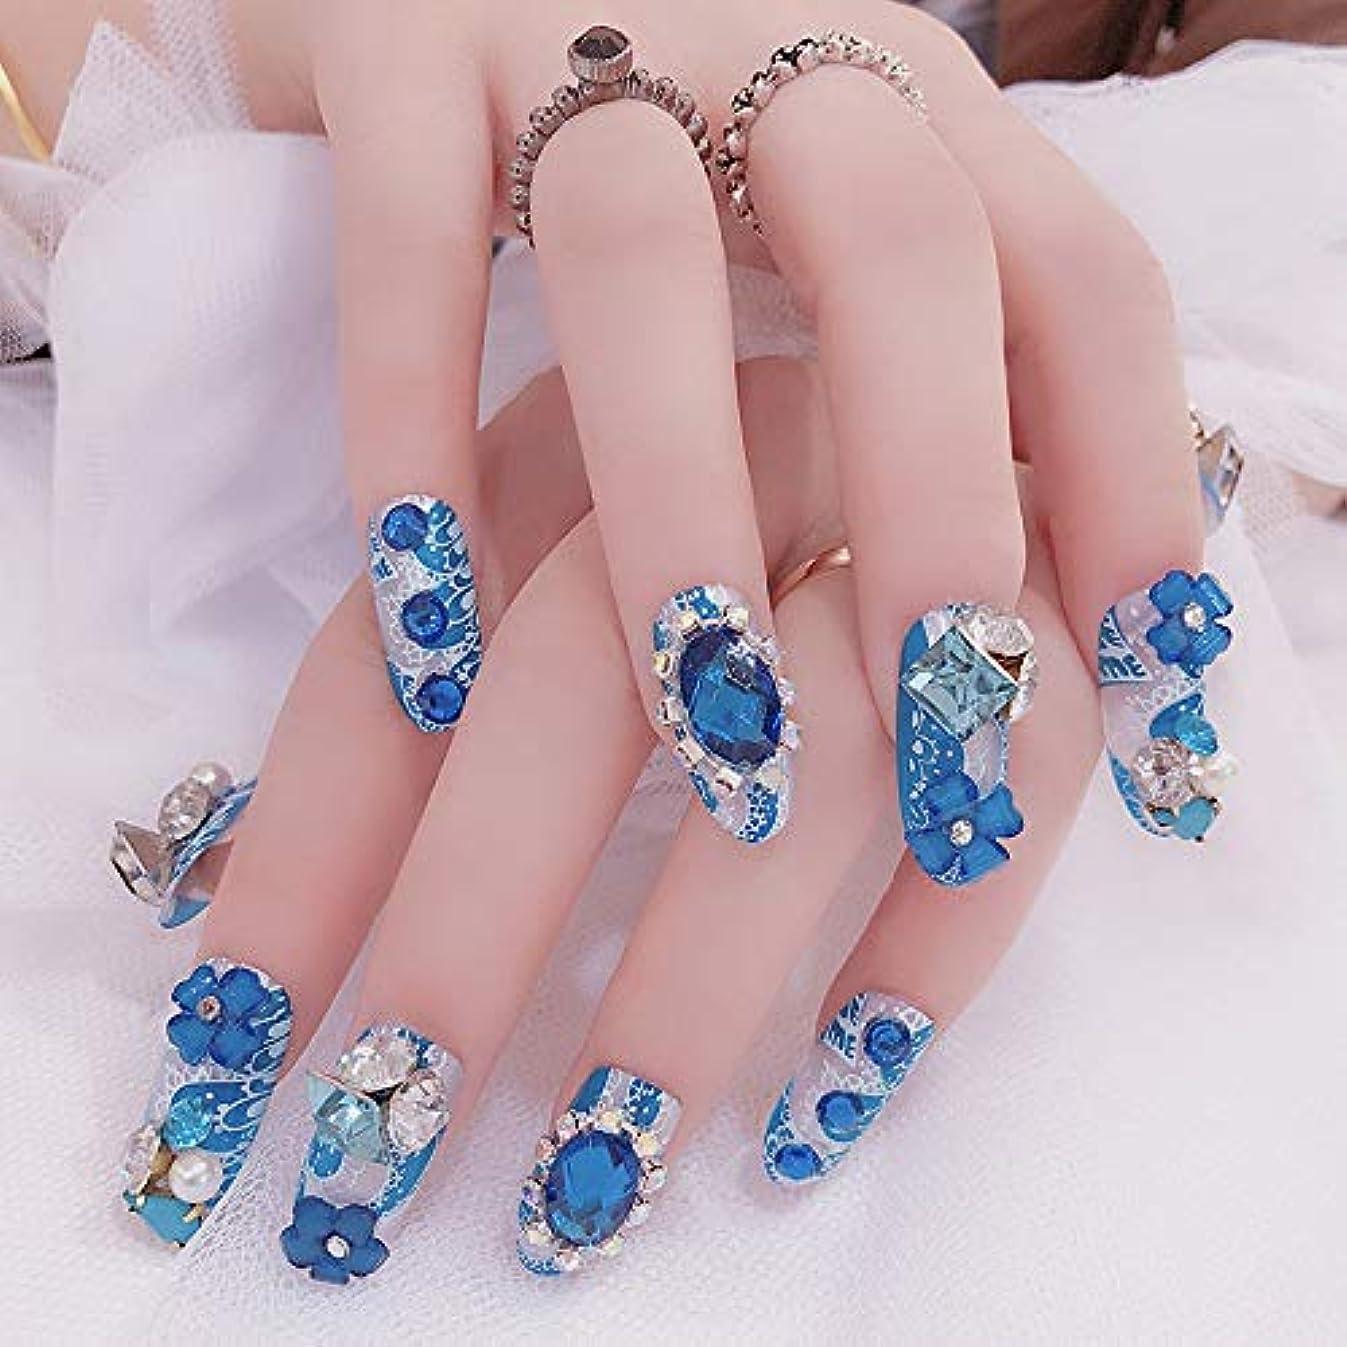 インゲン黙認する考えた豪华なつけ爪 眩しいつけ爪 ネイルチップ ブルー ラインストーンリボンが輝く 24枚組セット 結婚式、パーティー、二次会などに ネイルアート (AF03)